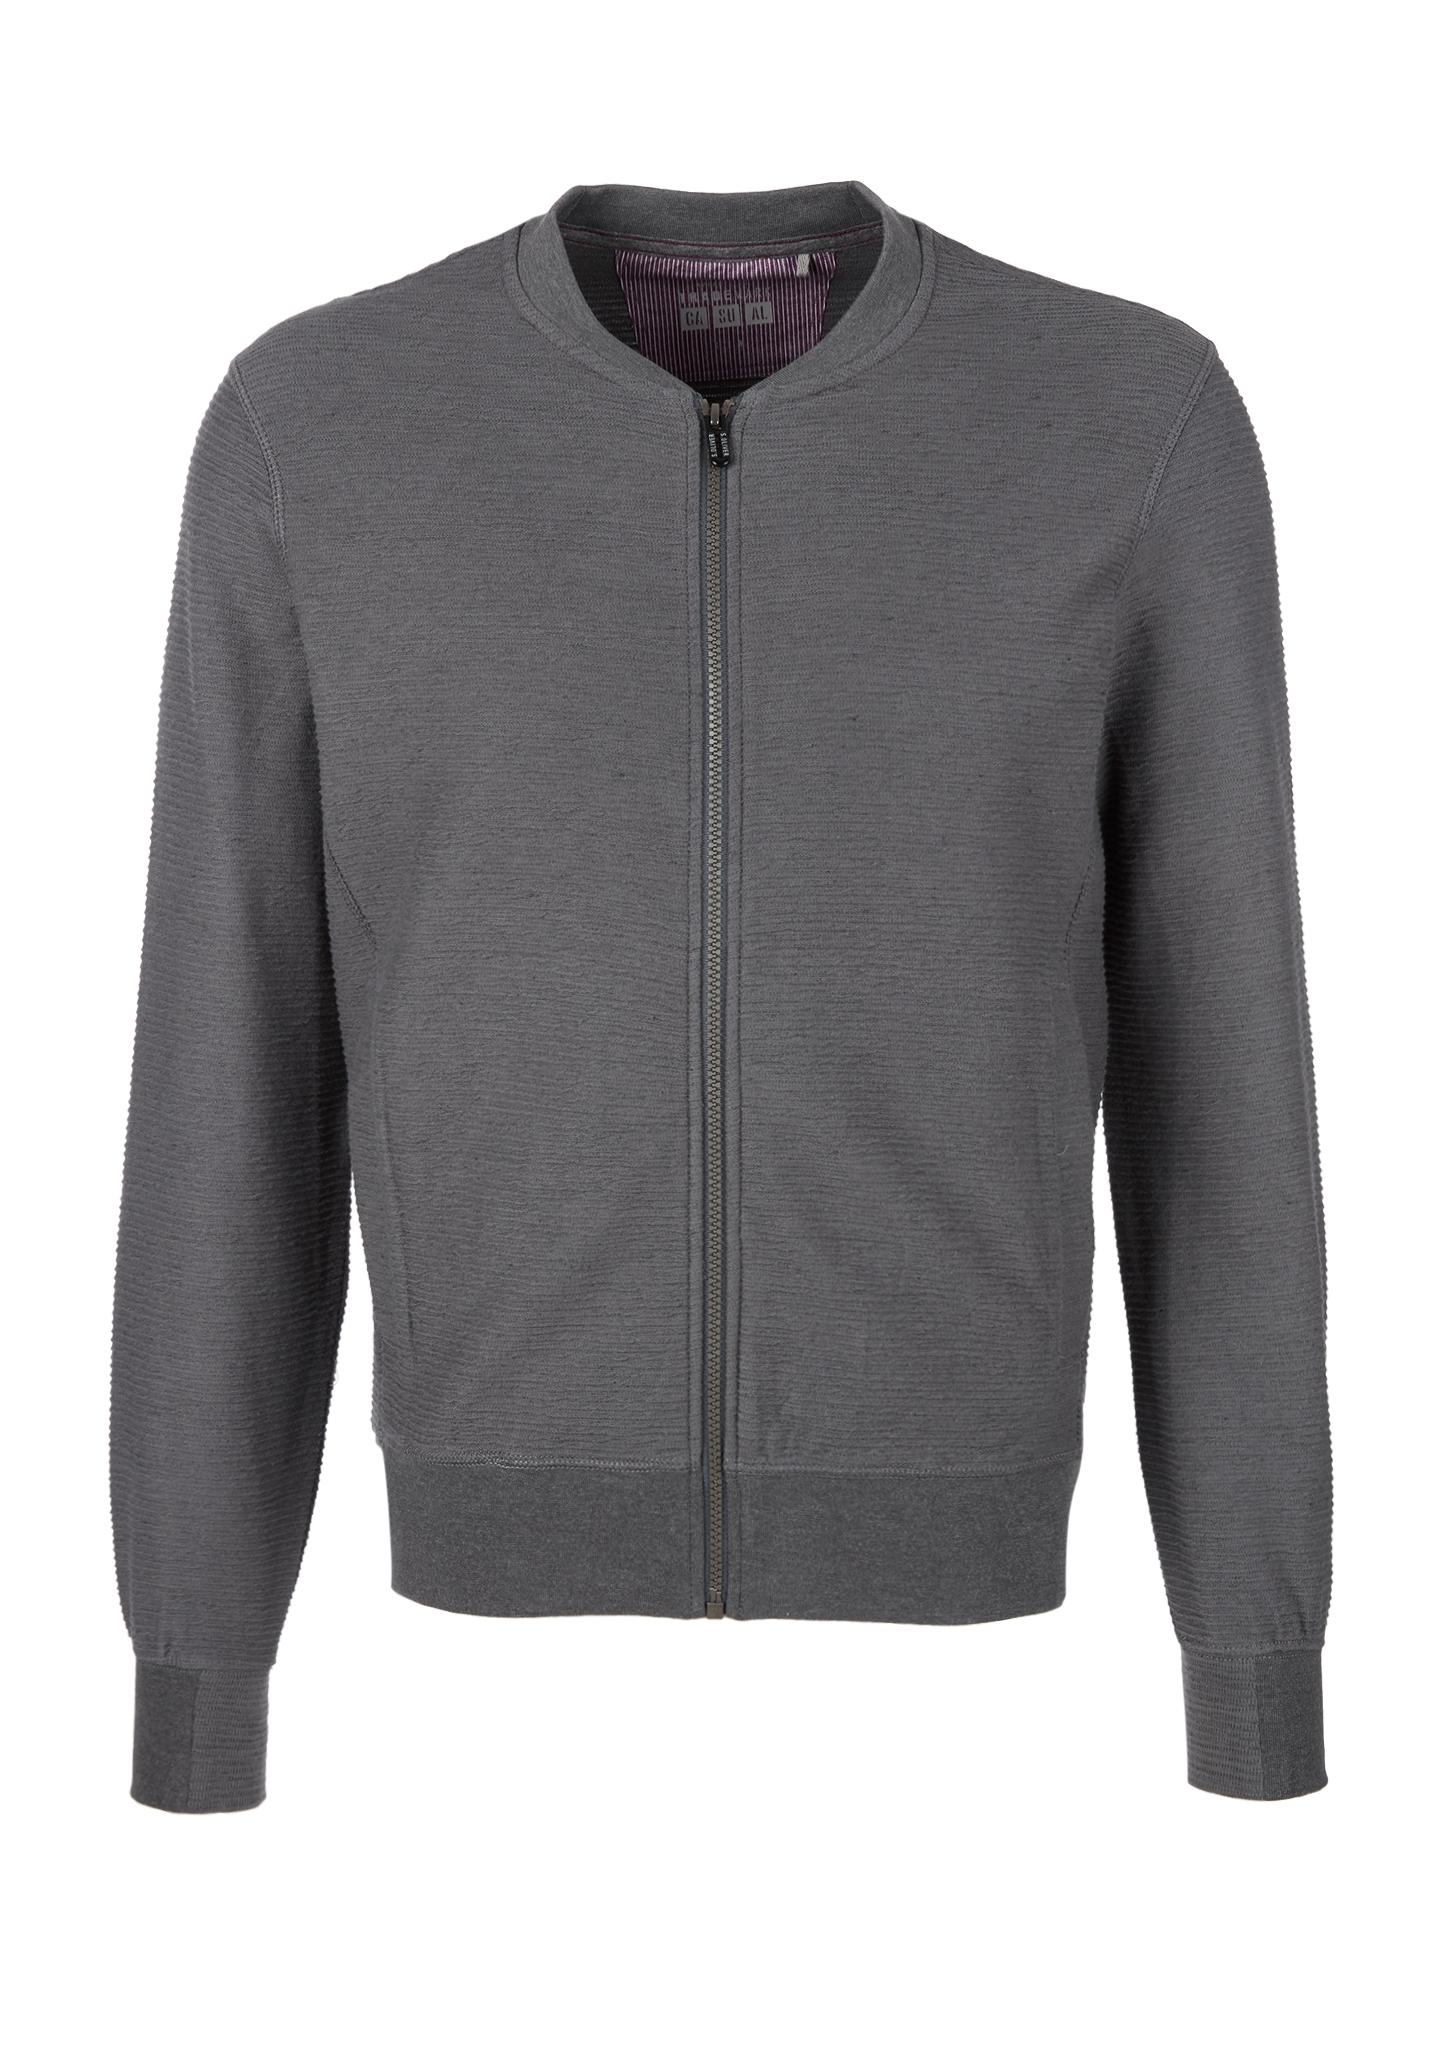 Blouson-Sweatjacke   Bekleidung > Sweatshirts & -jacken > Sweatjacken   Grau/schwarz   Oberstoff: 92% baumwolle -  8% polyester  kragen/bund: 72% baumwolle -  23% polyester -  5% elasthan   s.Oliver